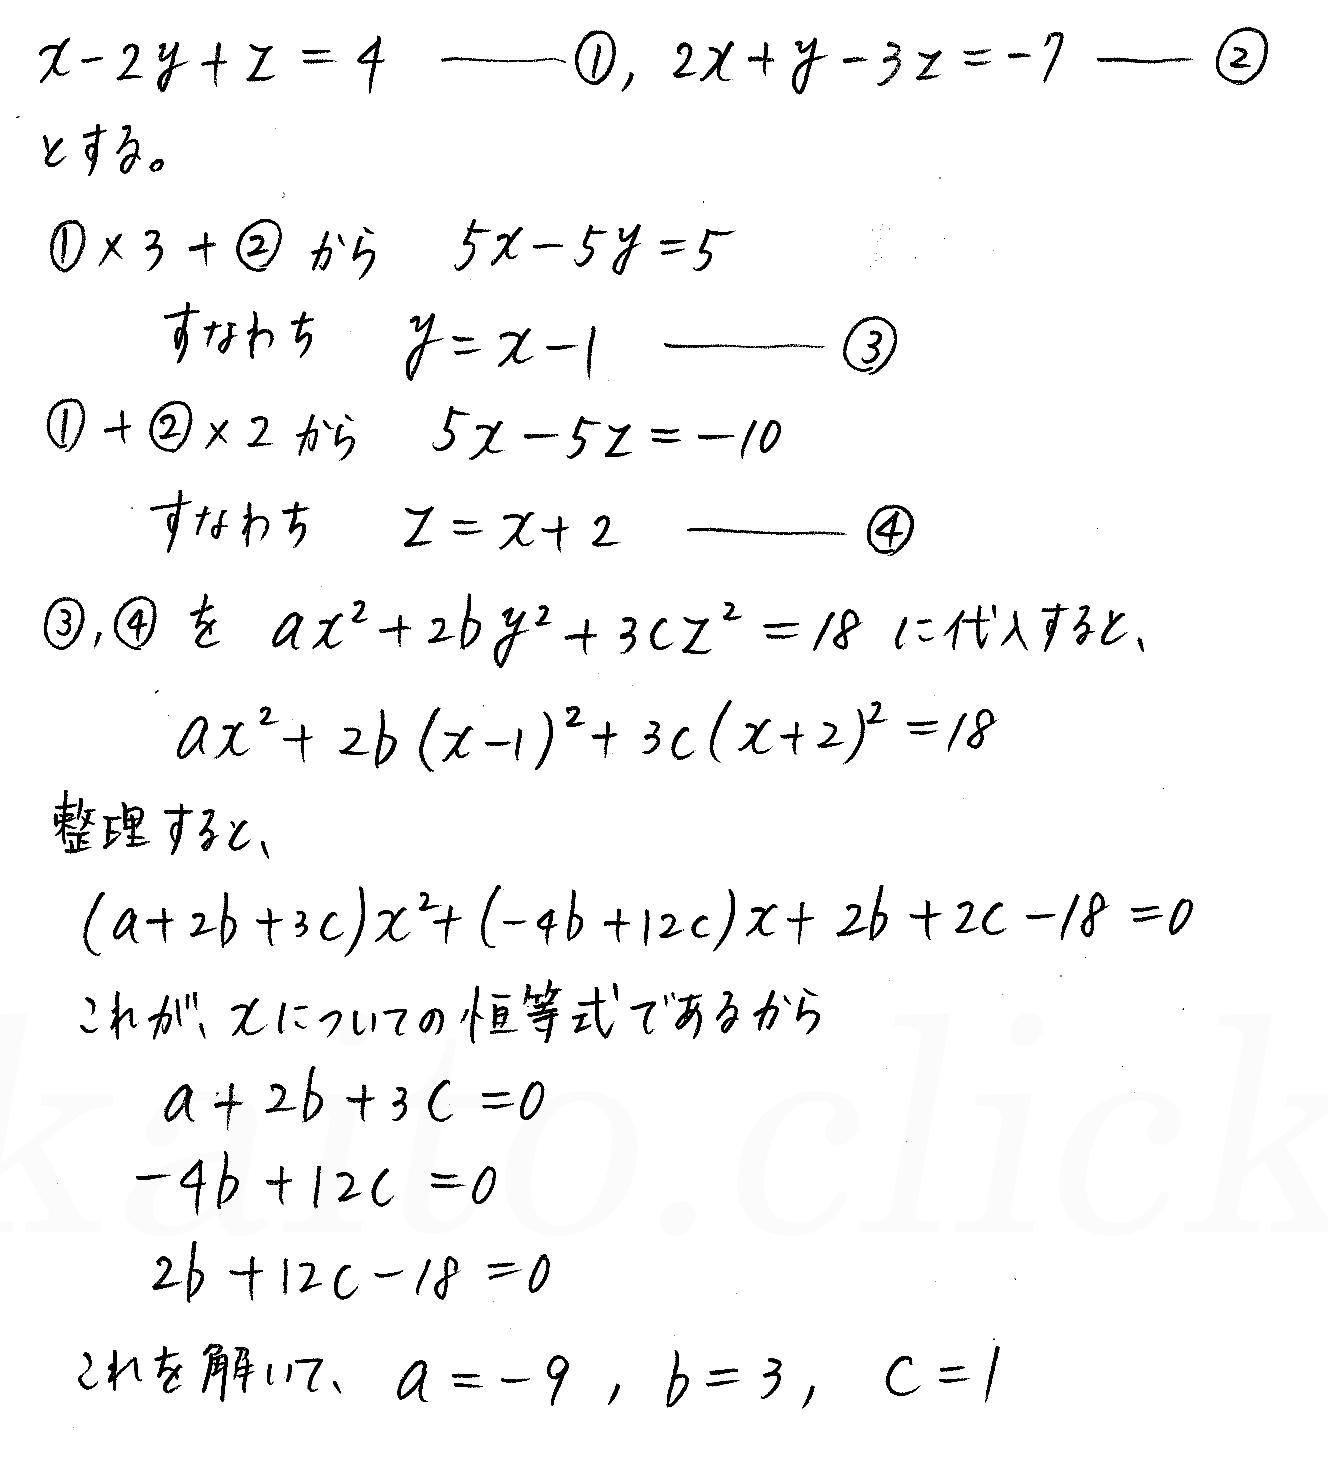 クリアー数学演習12AB受験編-9解答